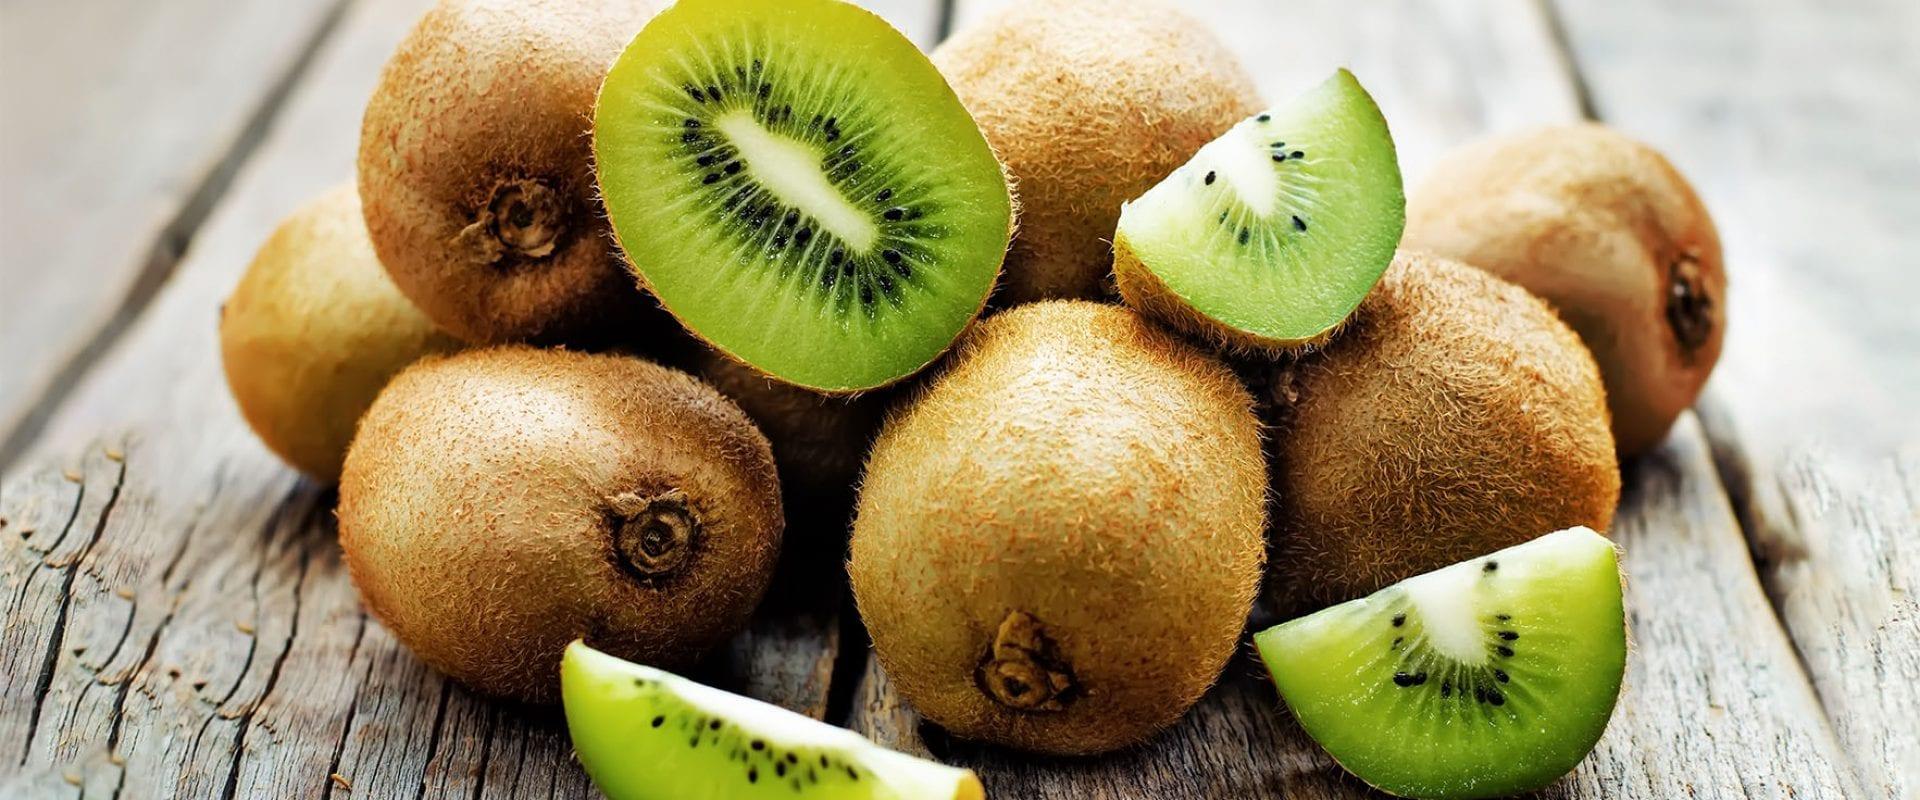 Kiwi, de vitaminebom uit Nieuw-Zeeland